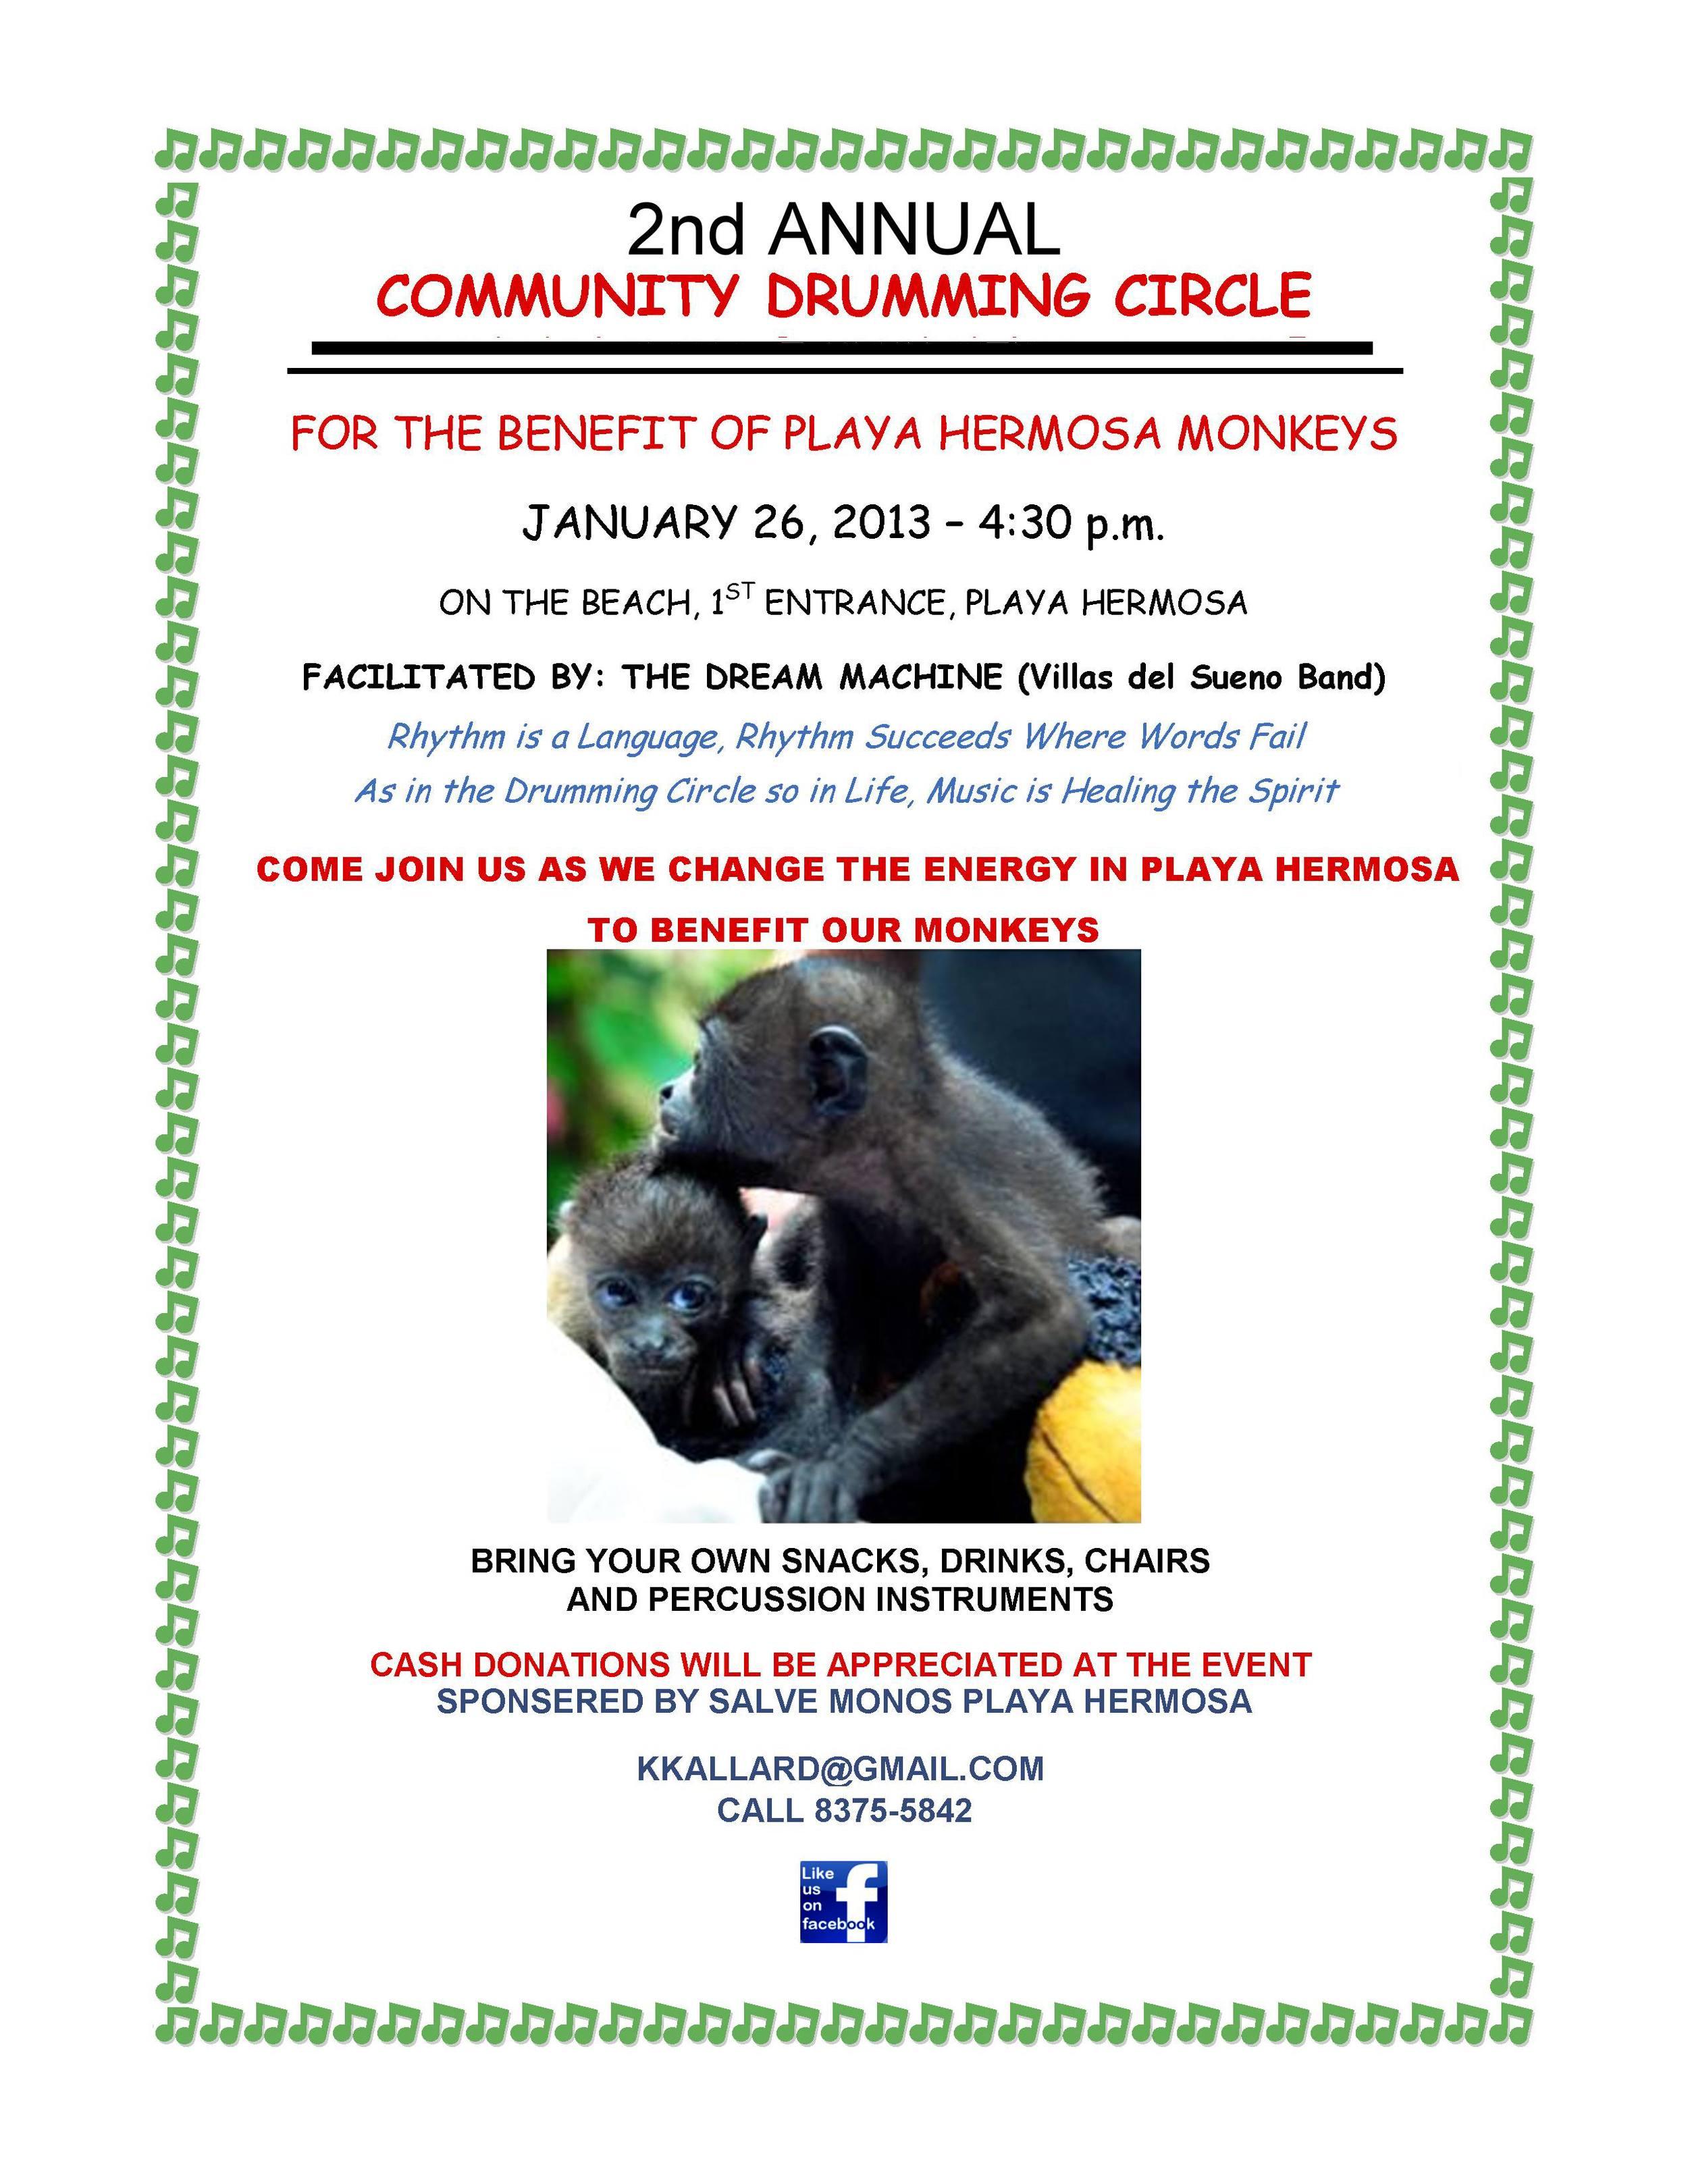 drumming circle_2013_email version.jpg